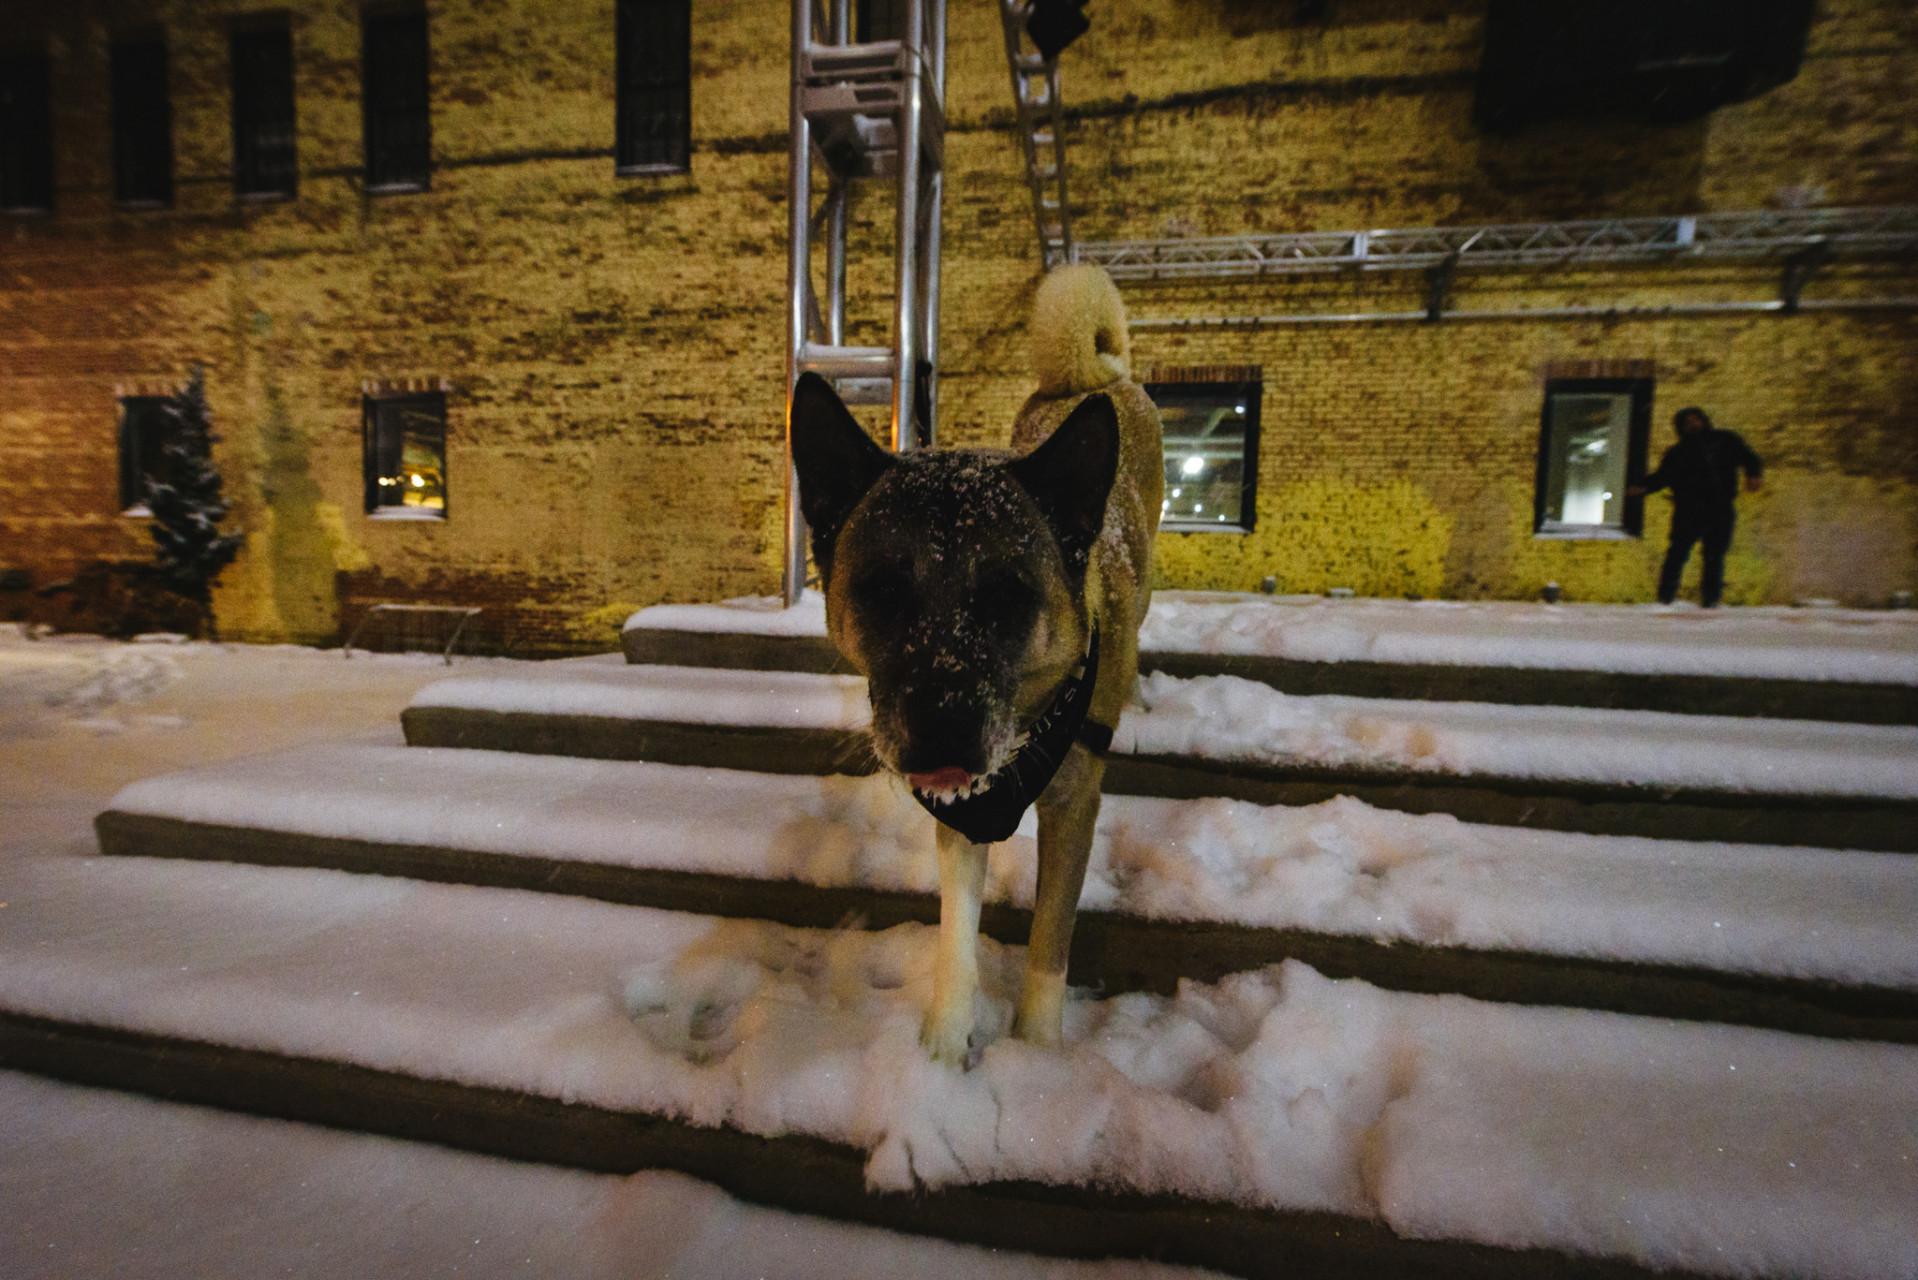 Snowstorm_GARFINKEL-11